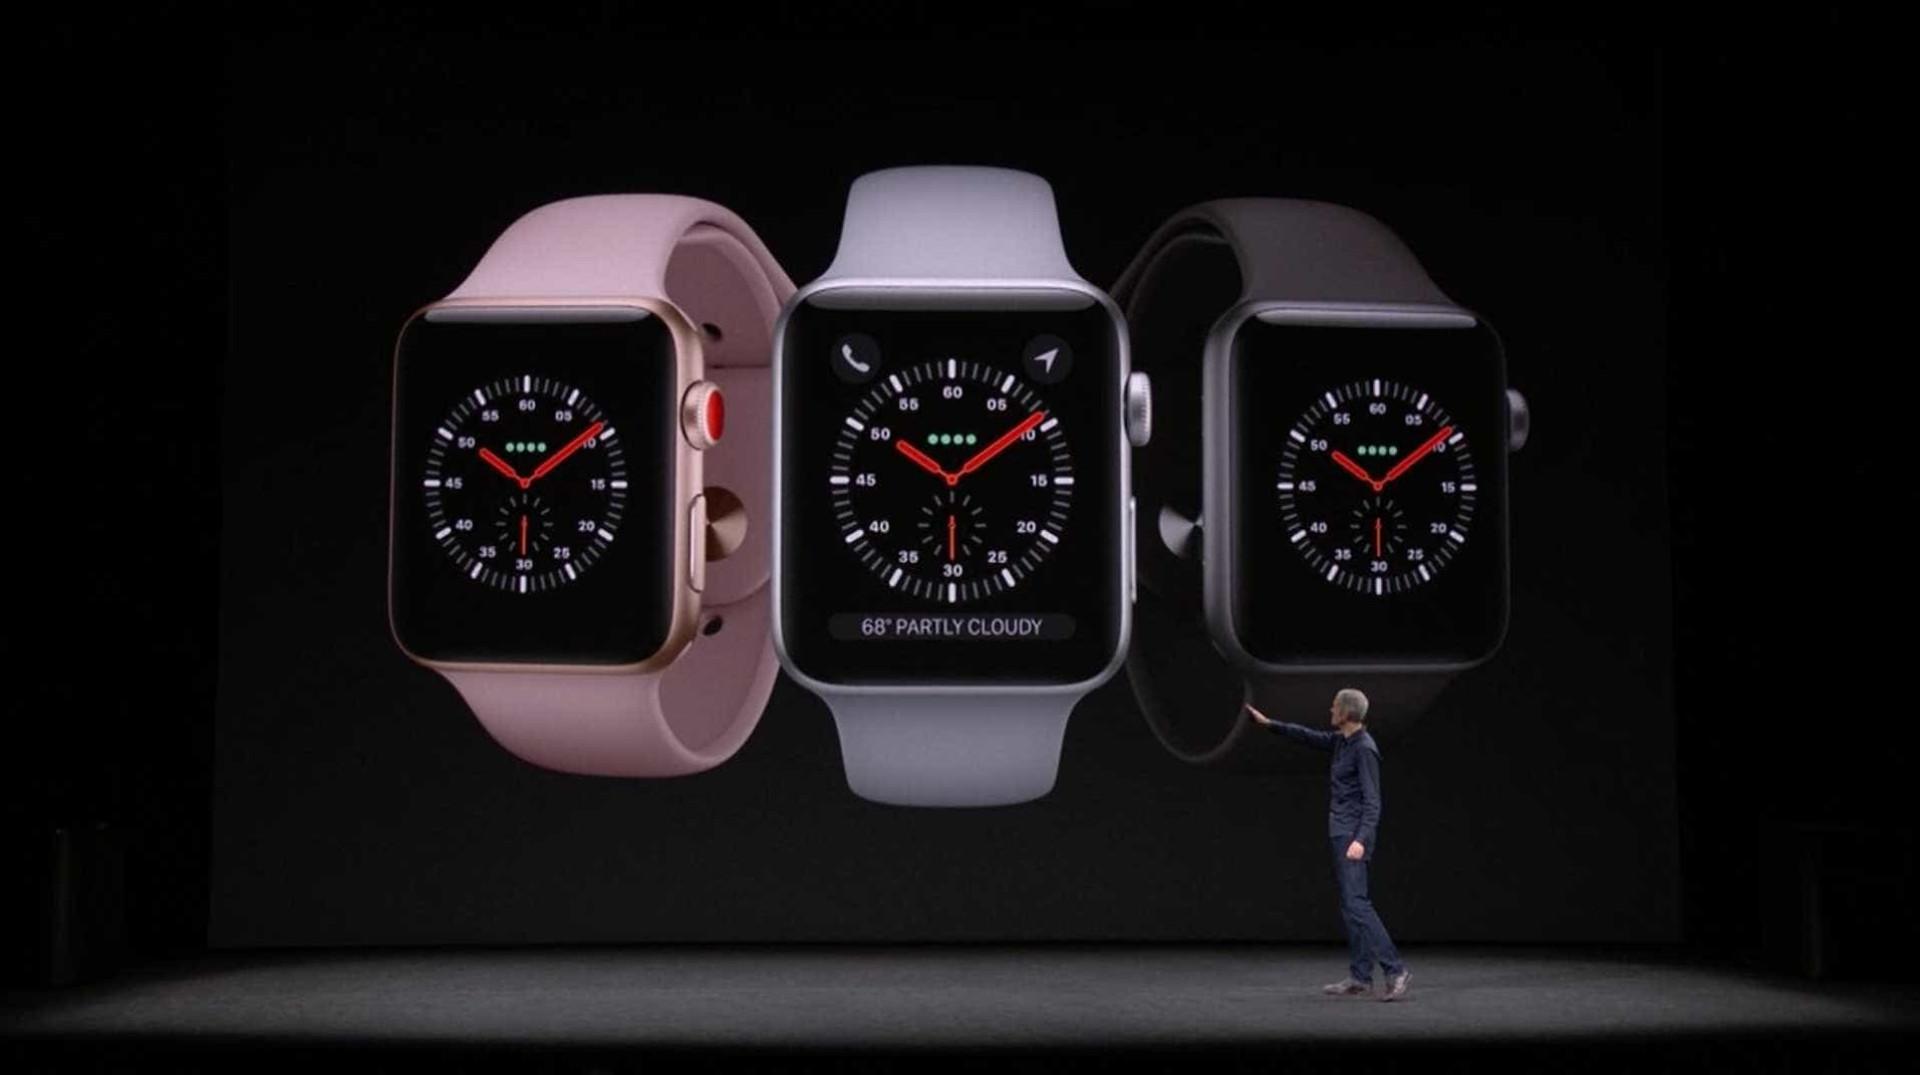 Poderá receber e responder a chamadas com o novo Apple Watch